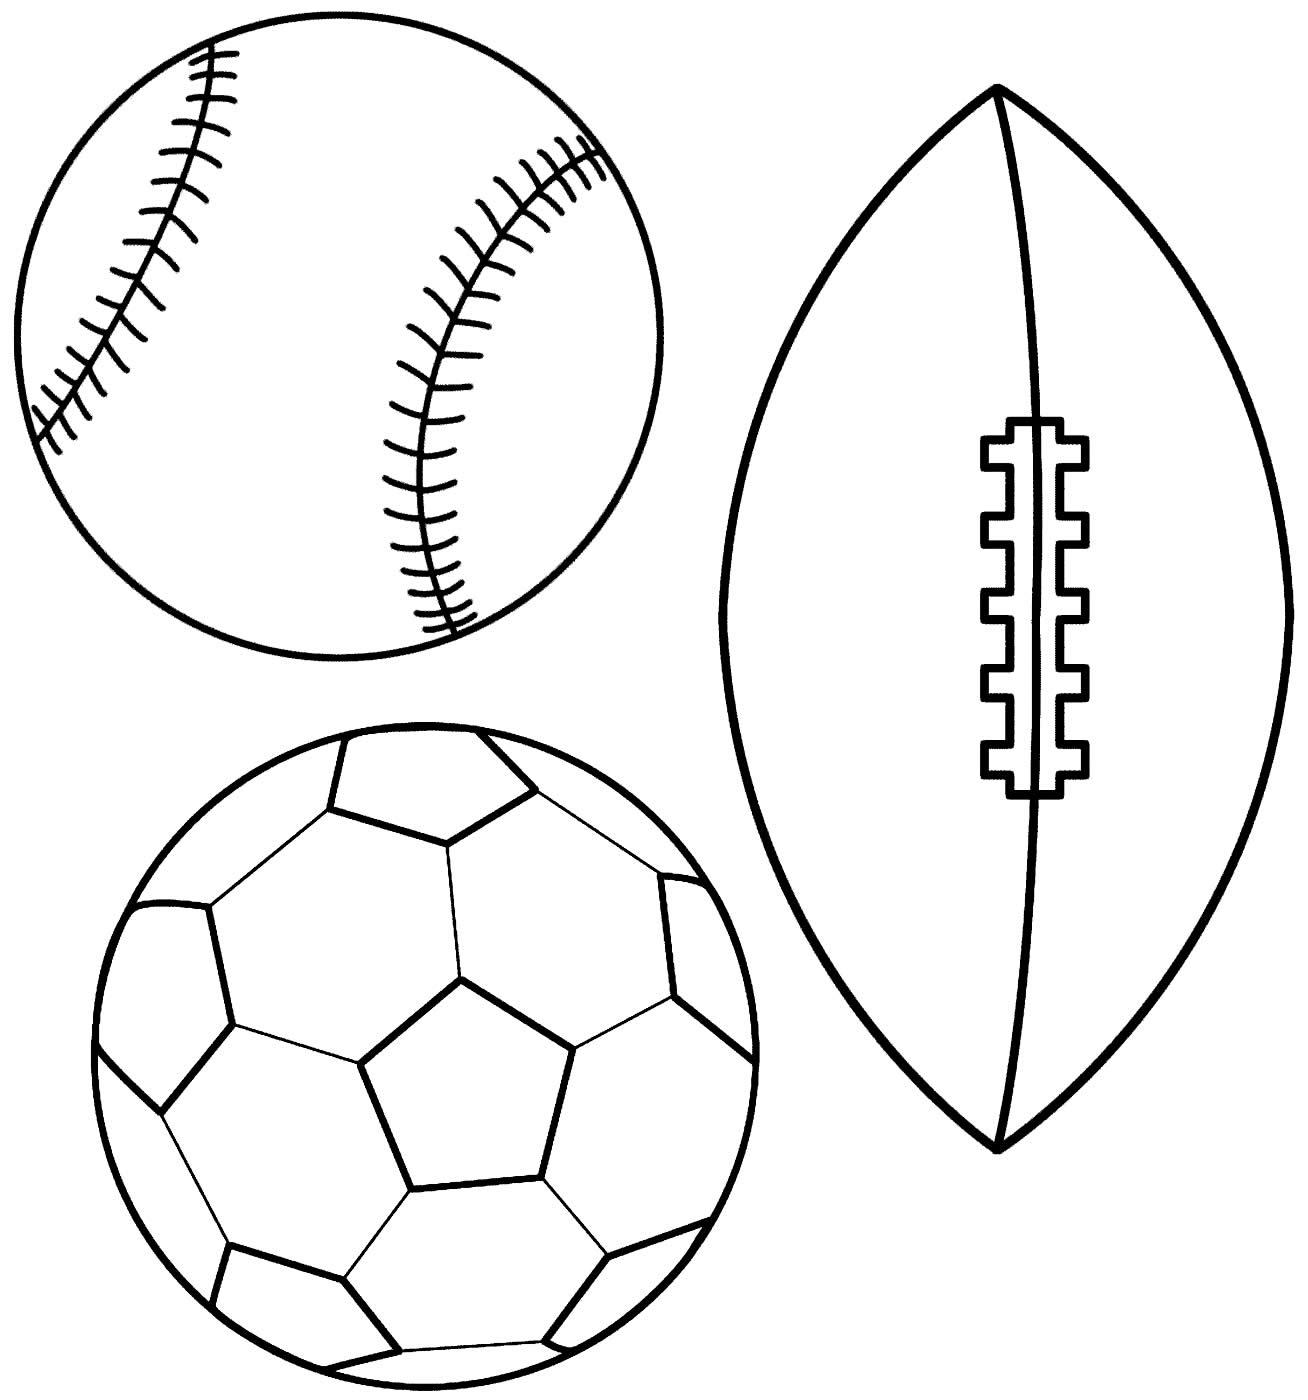 Desenho de bolas para colorir